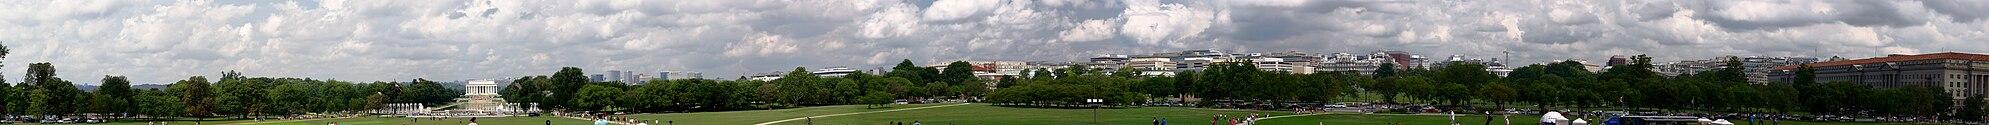 Панорамный снимок центра города от монумента Вашингтону. Панорама охватывает направления от юго-запада до северо-востока. Можно увидеть мемориал Линкольну и Белый дом